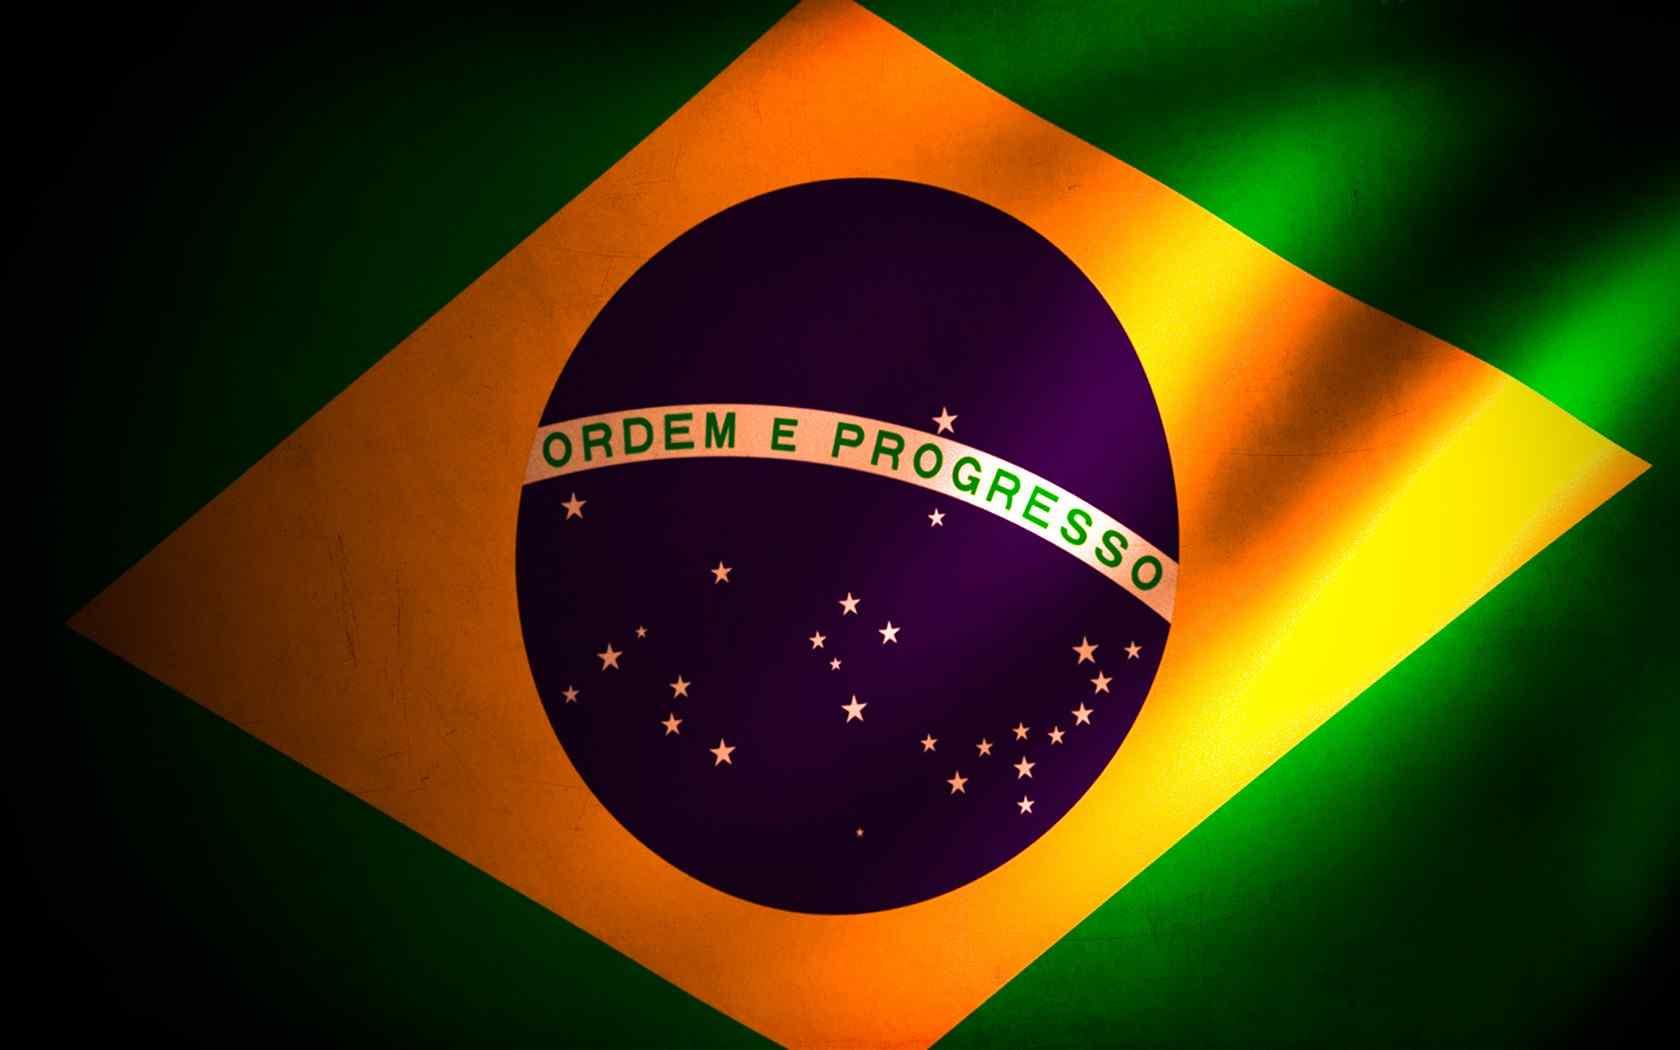 巴西国旗创意设计电脑壁纸